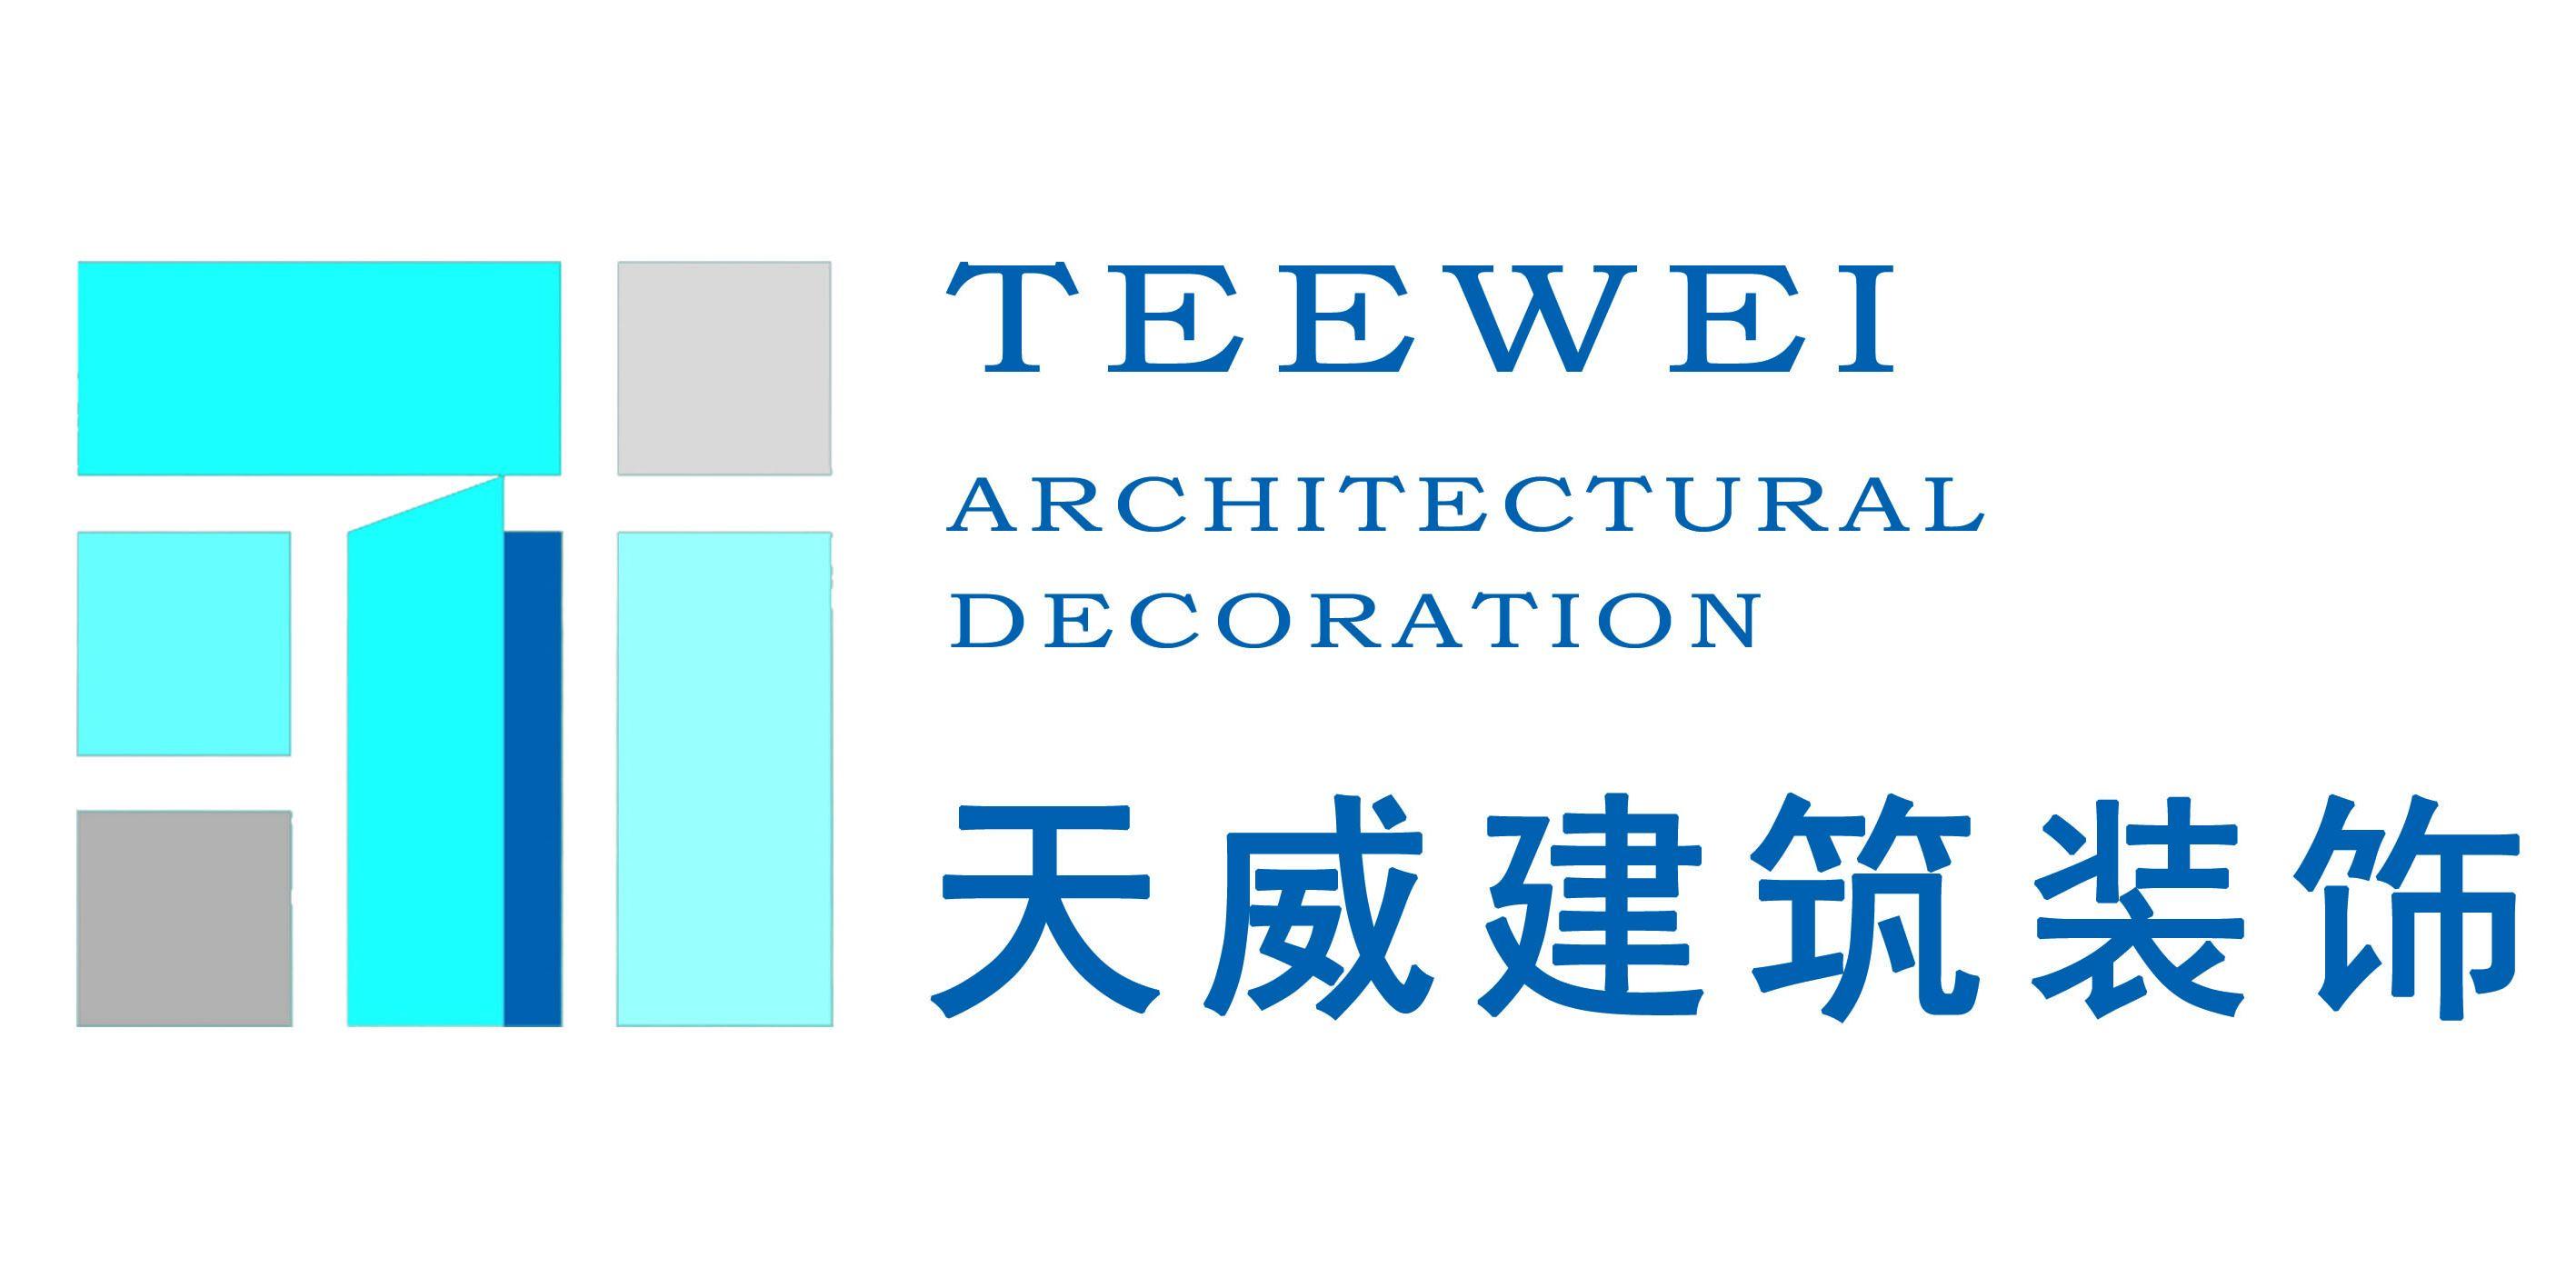 徐州天威建筑装饰工程有限公司